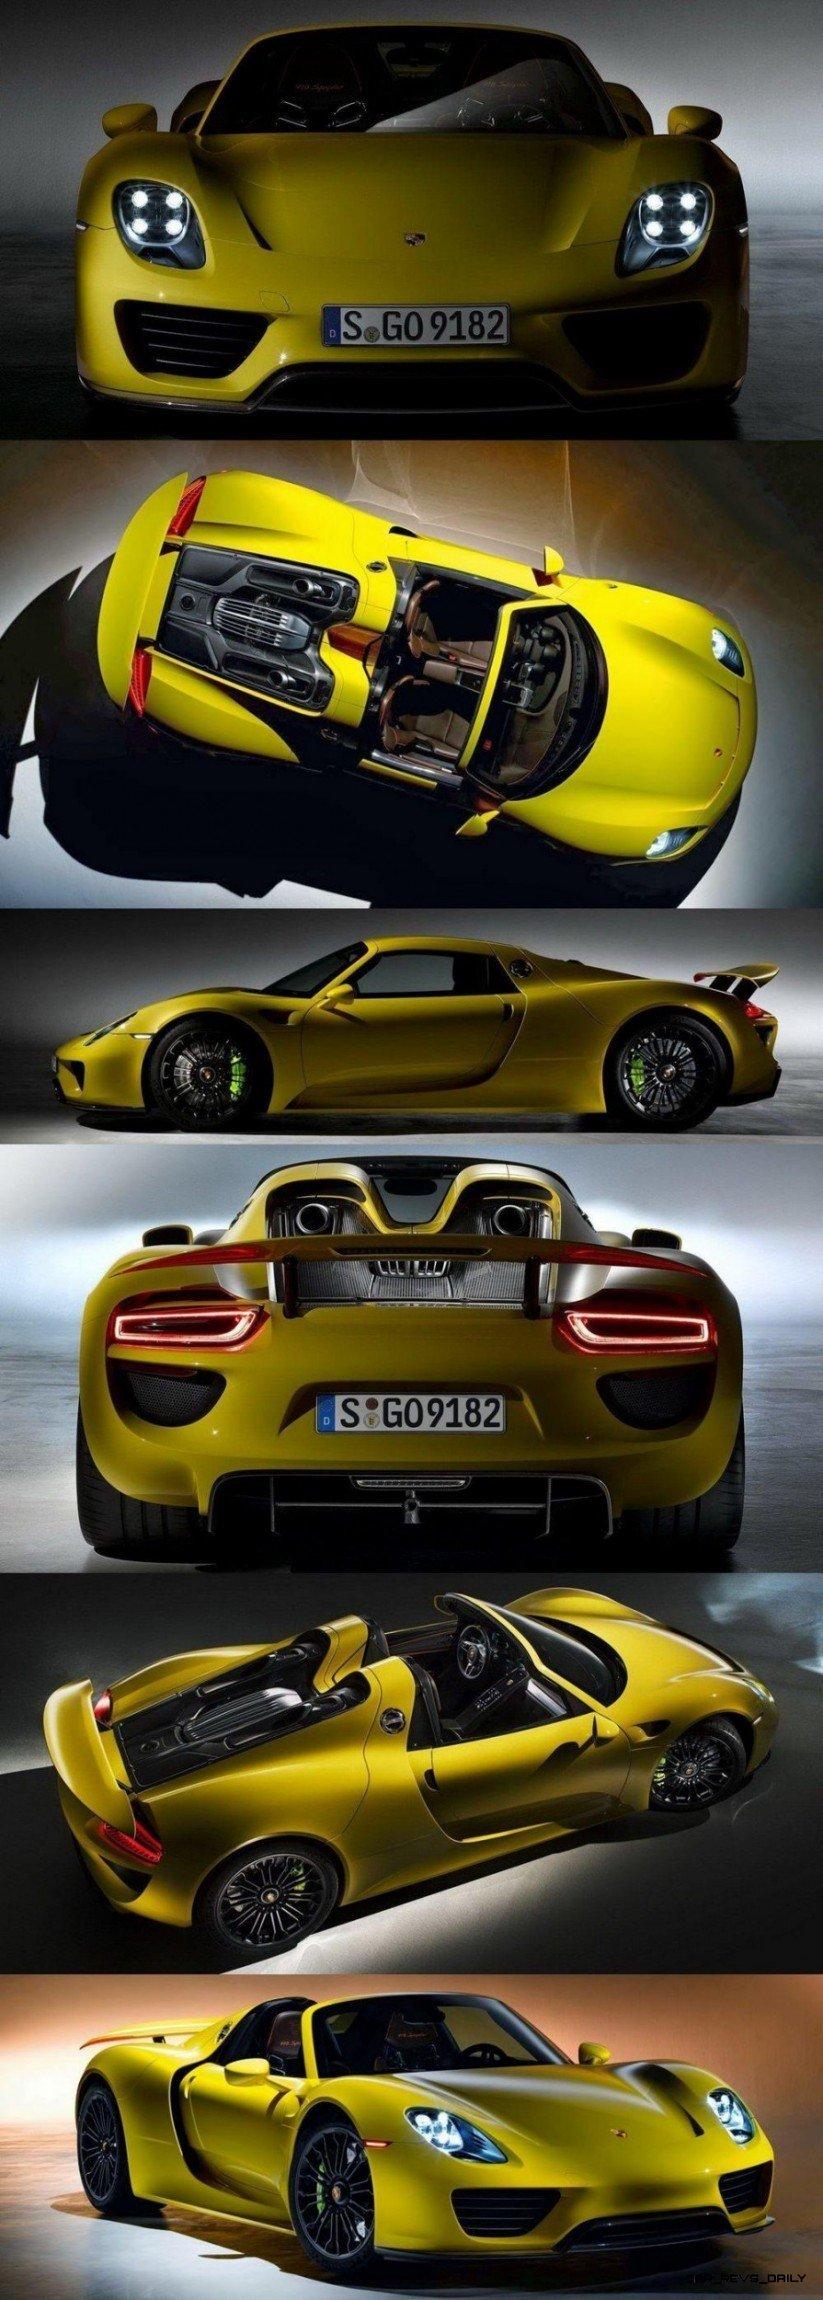 Porsche Brand Showcase 1000 Photo Gallery Of 918 Spyder